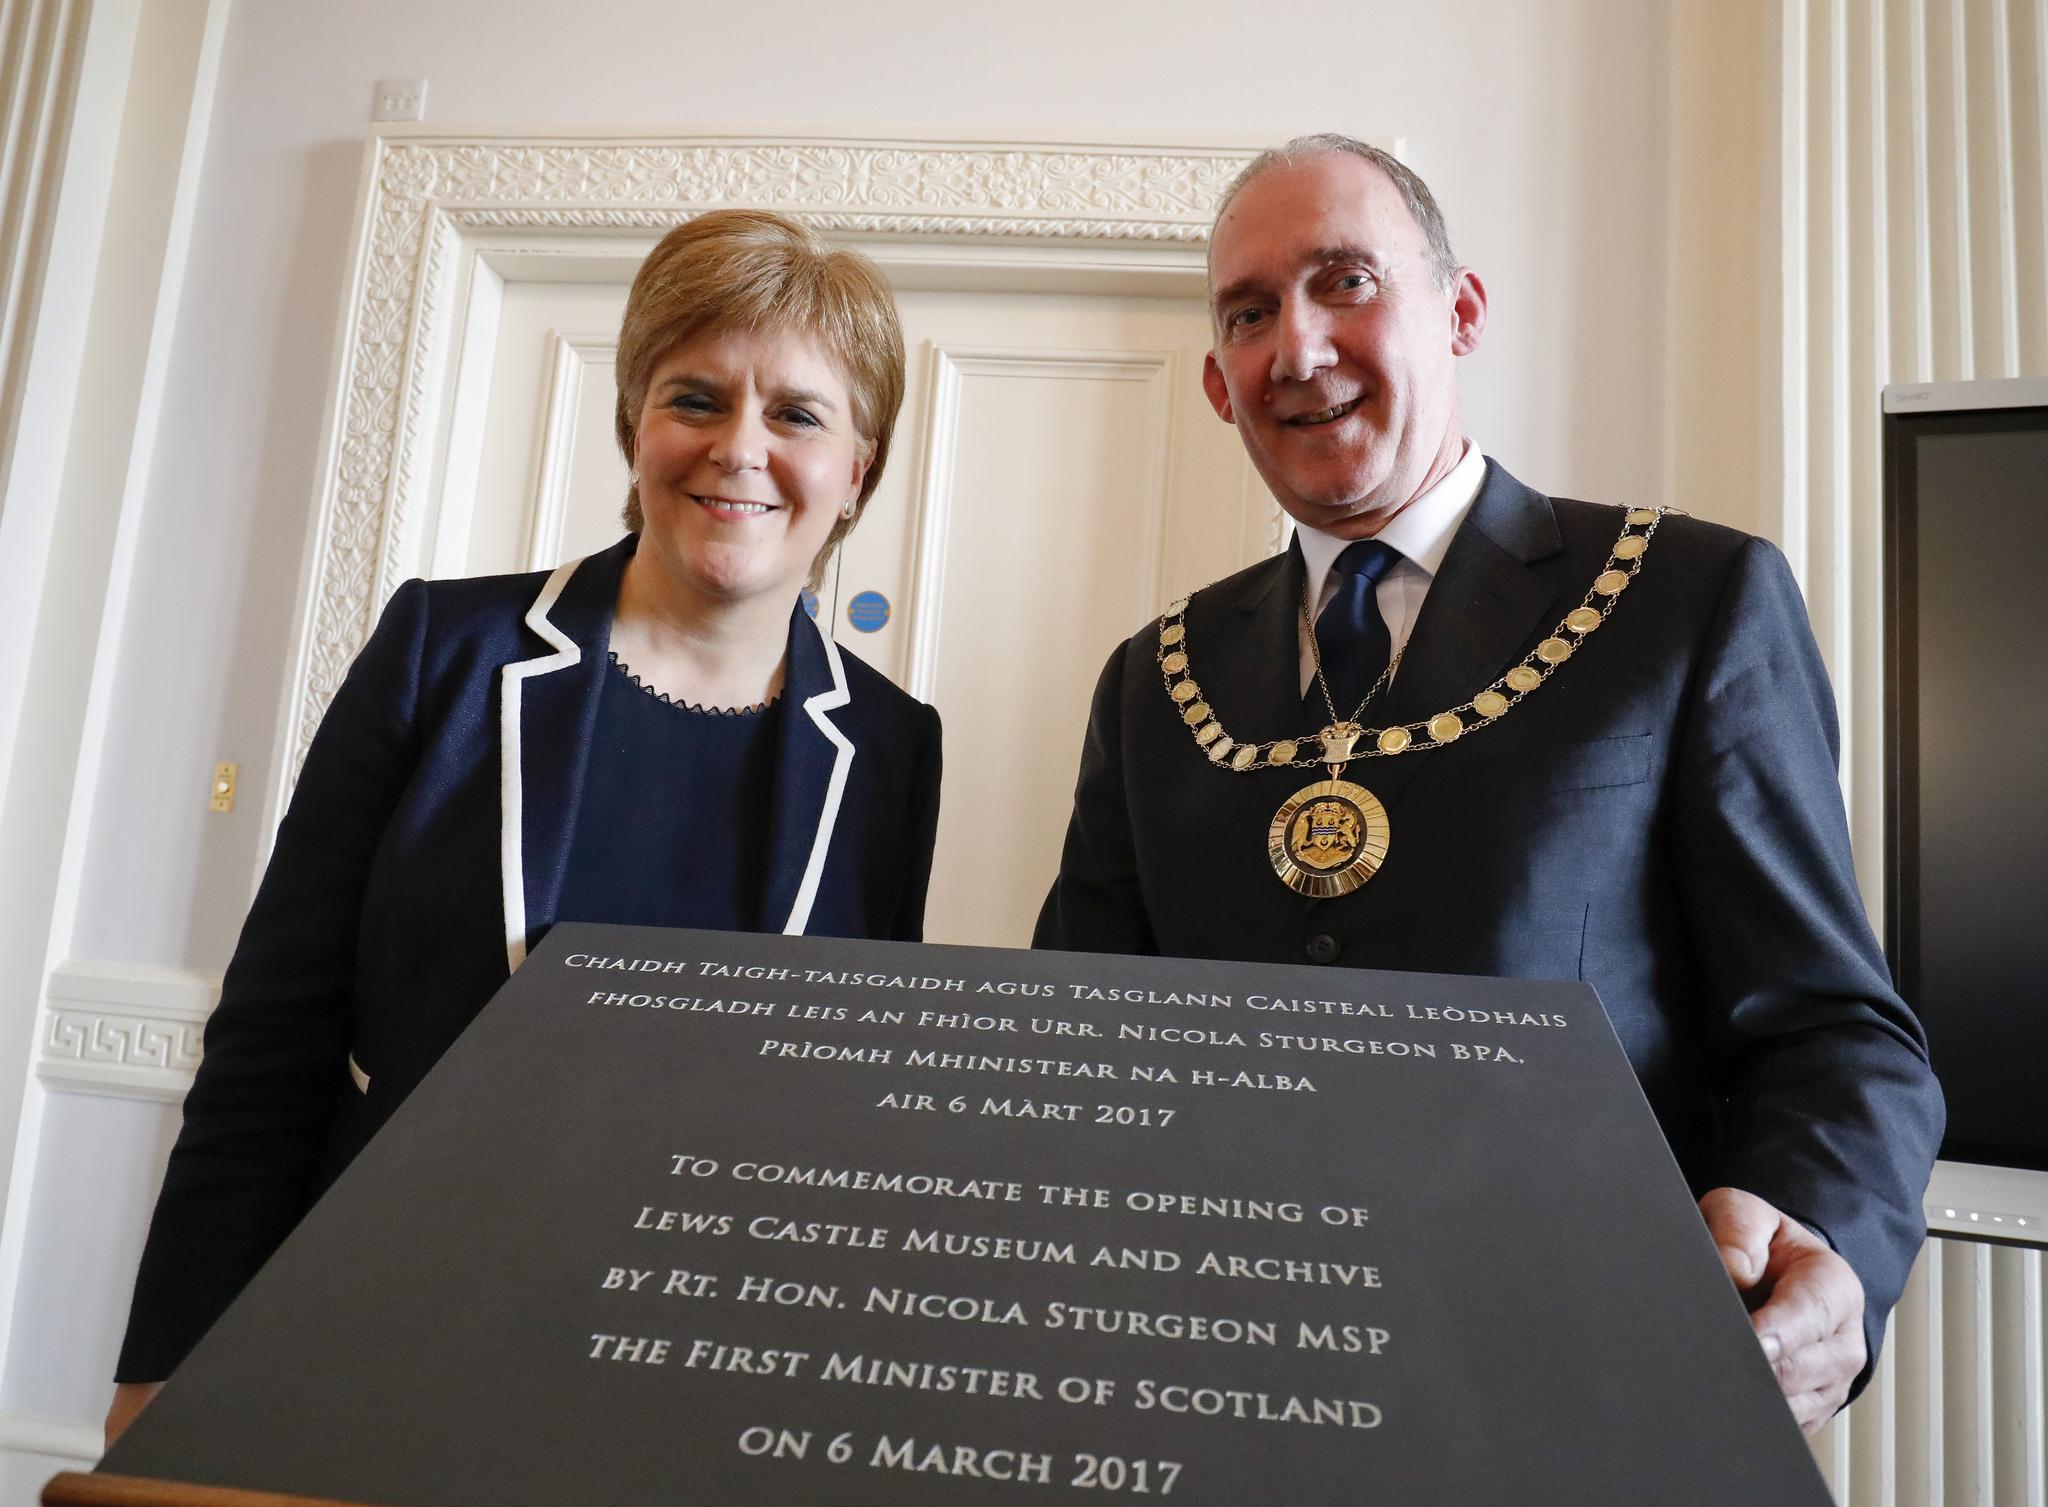 Nicola Sturgeon and comhairle convener Norman Macdonald